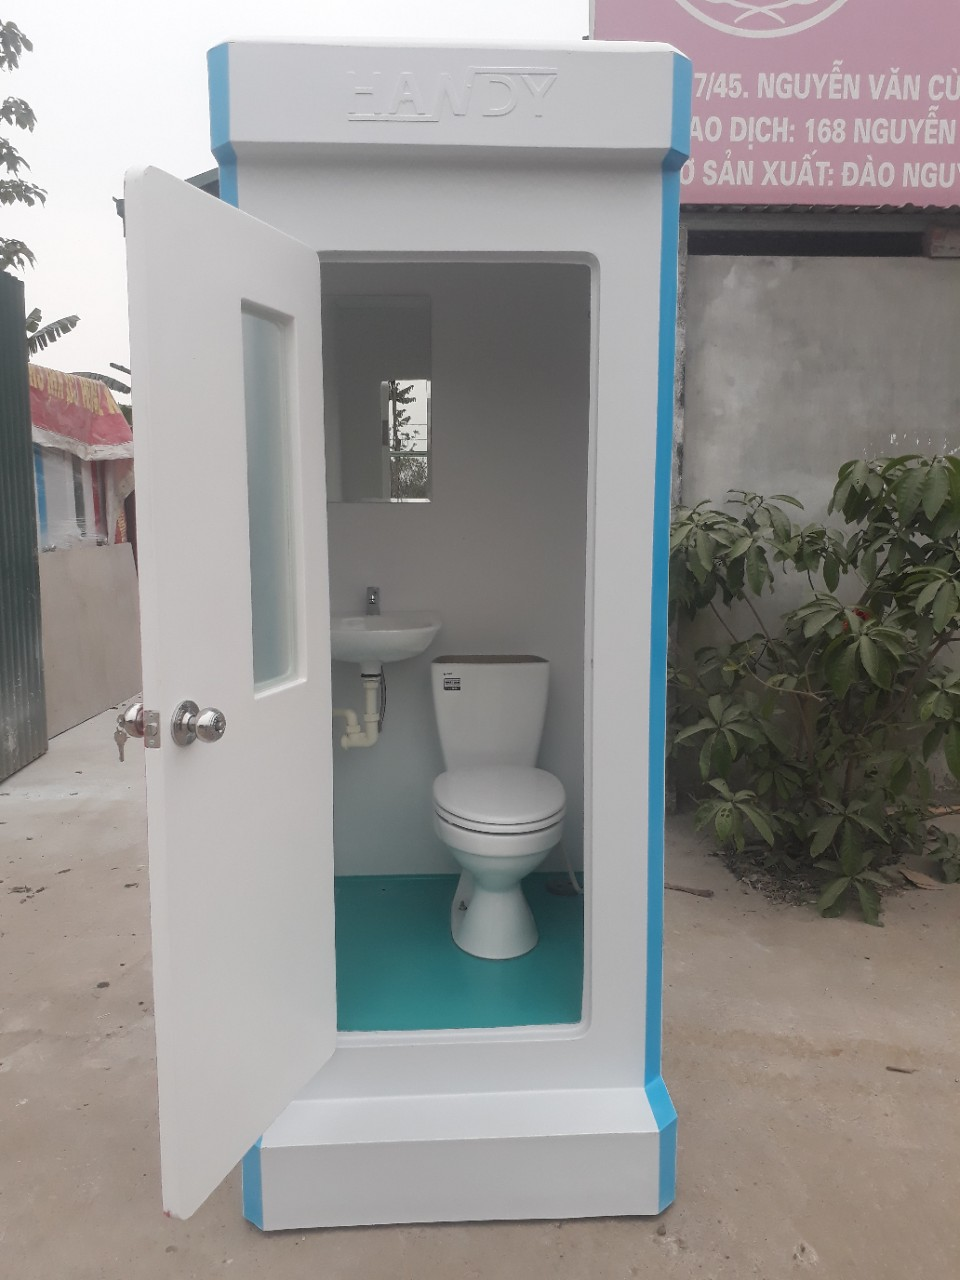 Xí bệt inax, phụ kiện inox, lavabo inax, đèn downlight và gương phòng tắm Bỉ